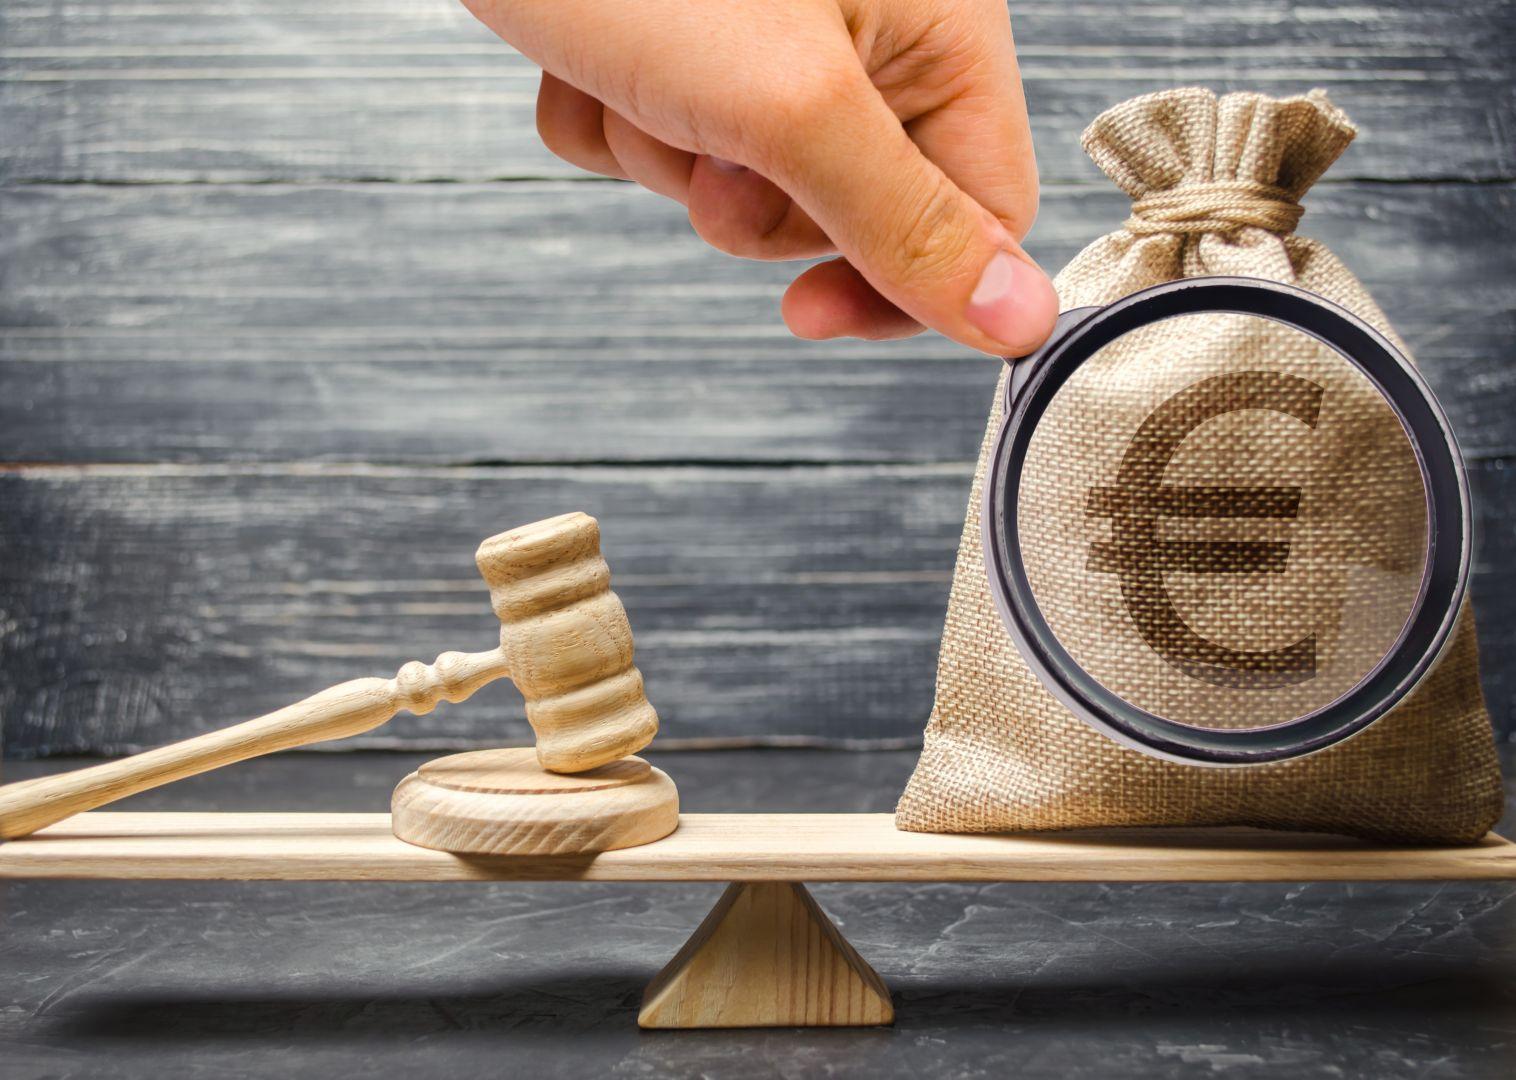 Tracfin et blanchiment d'argent : tout savoir pour gérer les risques